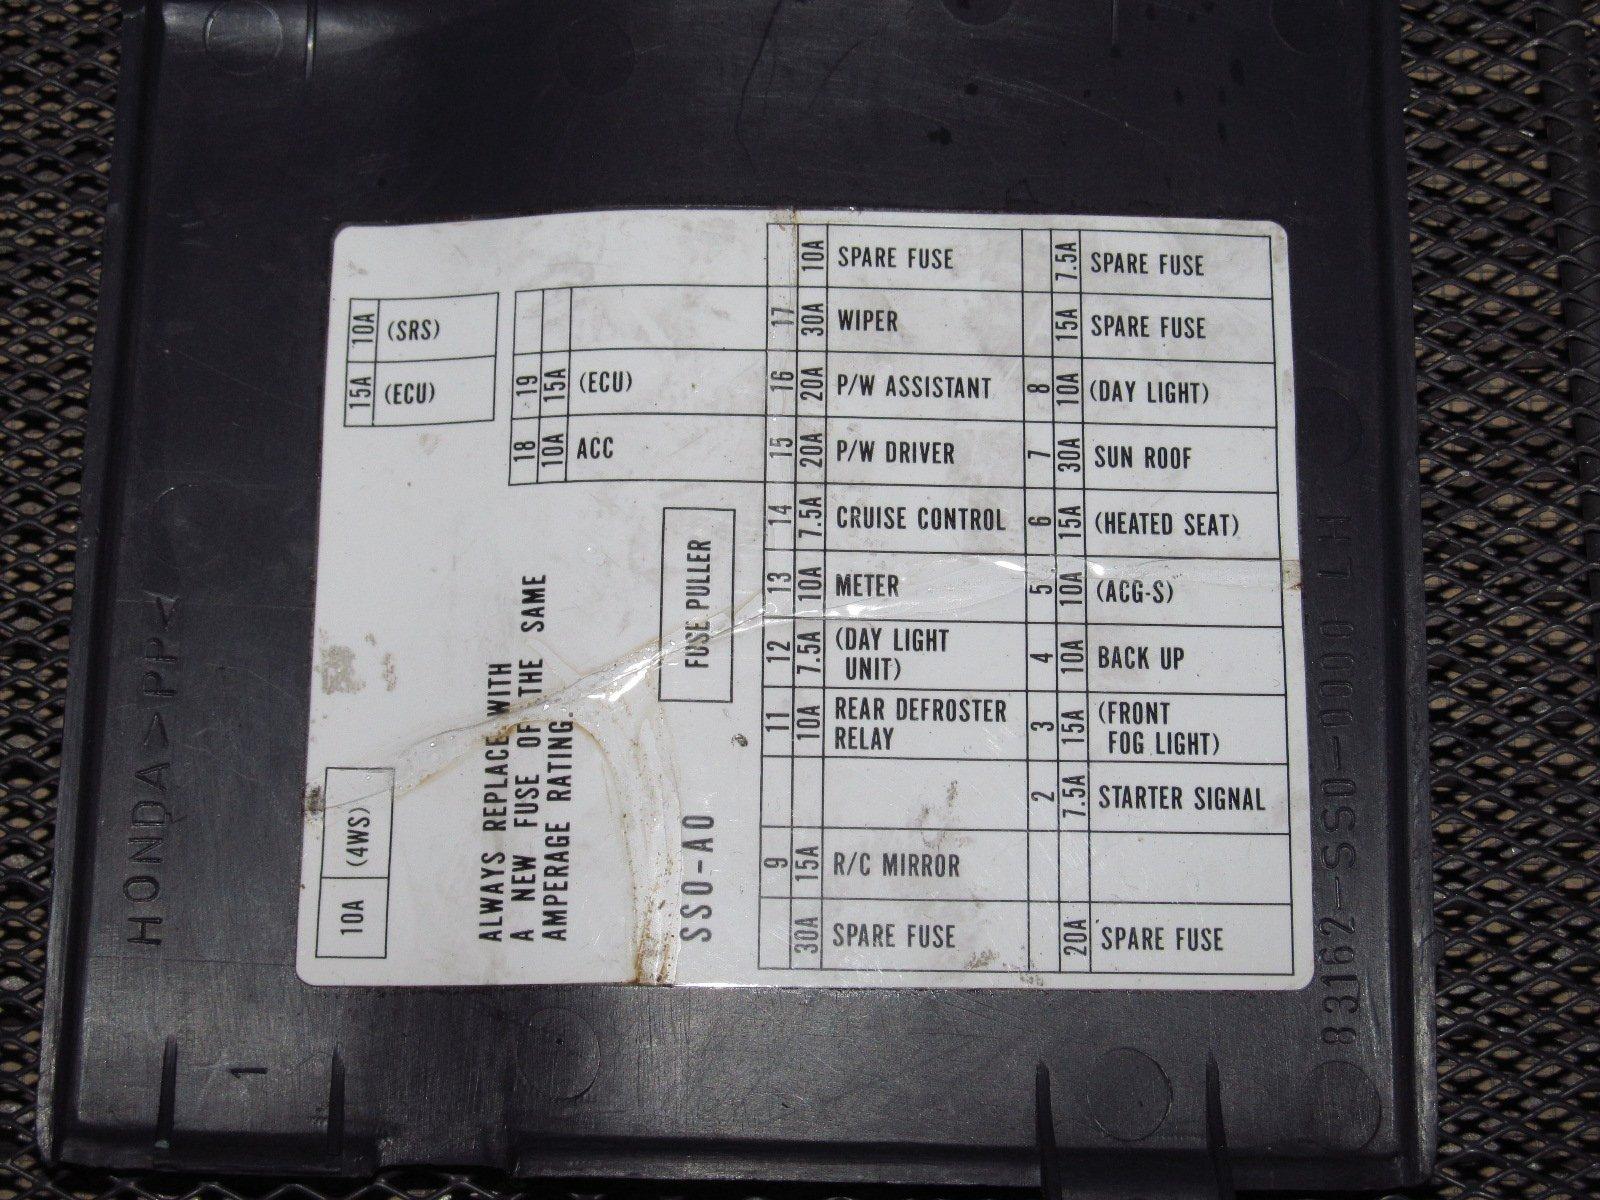 95 Prelude Fuse Box - wiring diagram sockets-person -  sockets-person.eugeniovazzano.it | 97 Prelude Fuse Box |  | Eugenio Vazzano